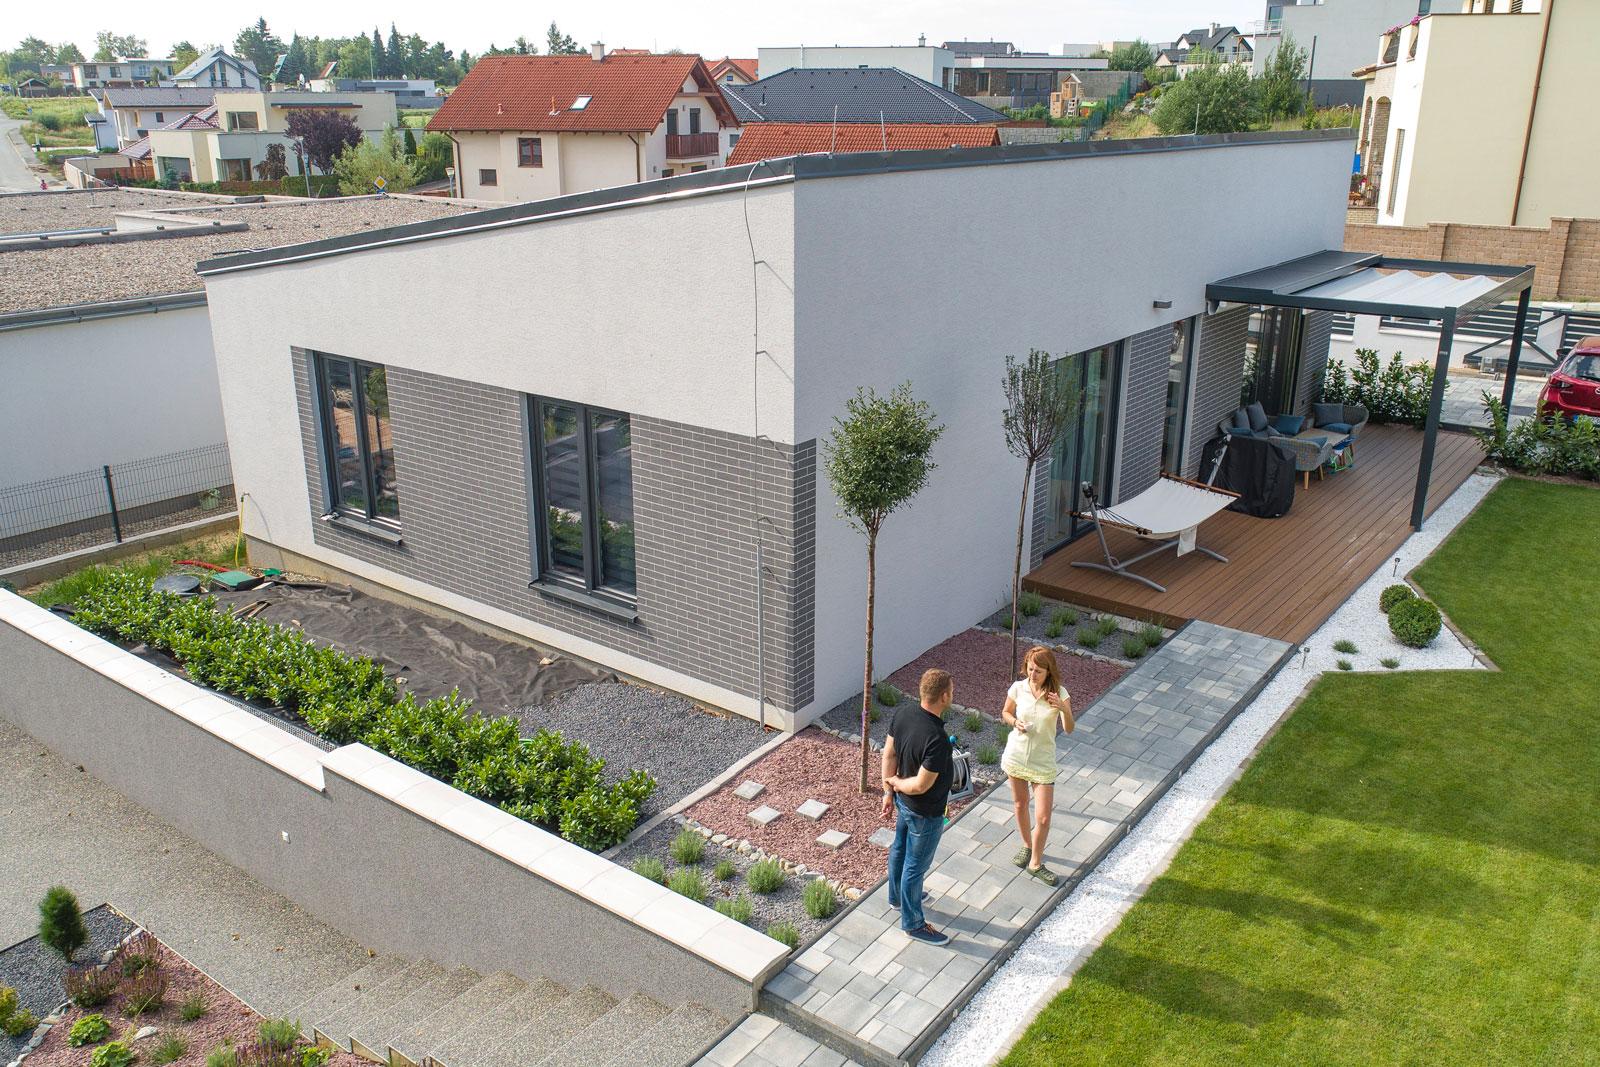 V zelenej stavbe bývame zdravo a úsporne!